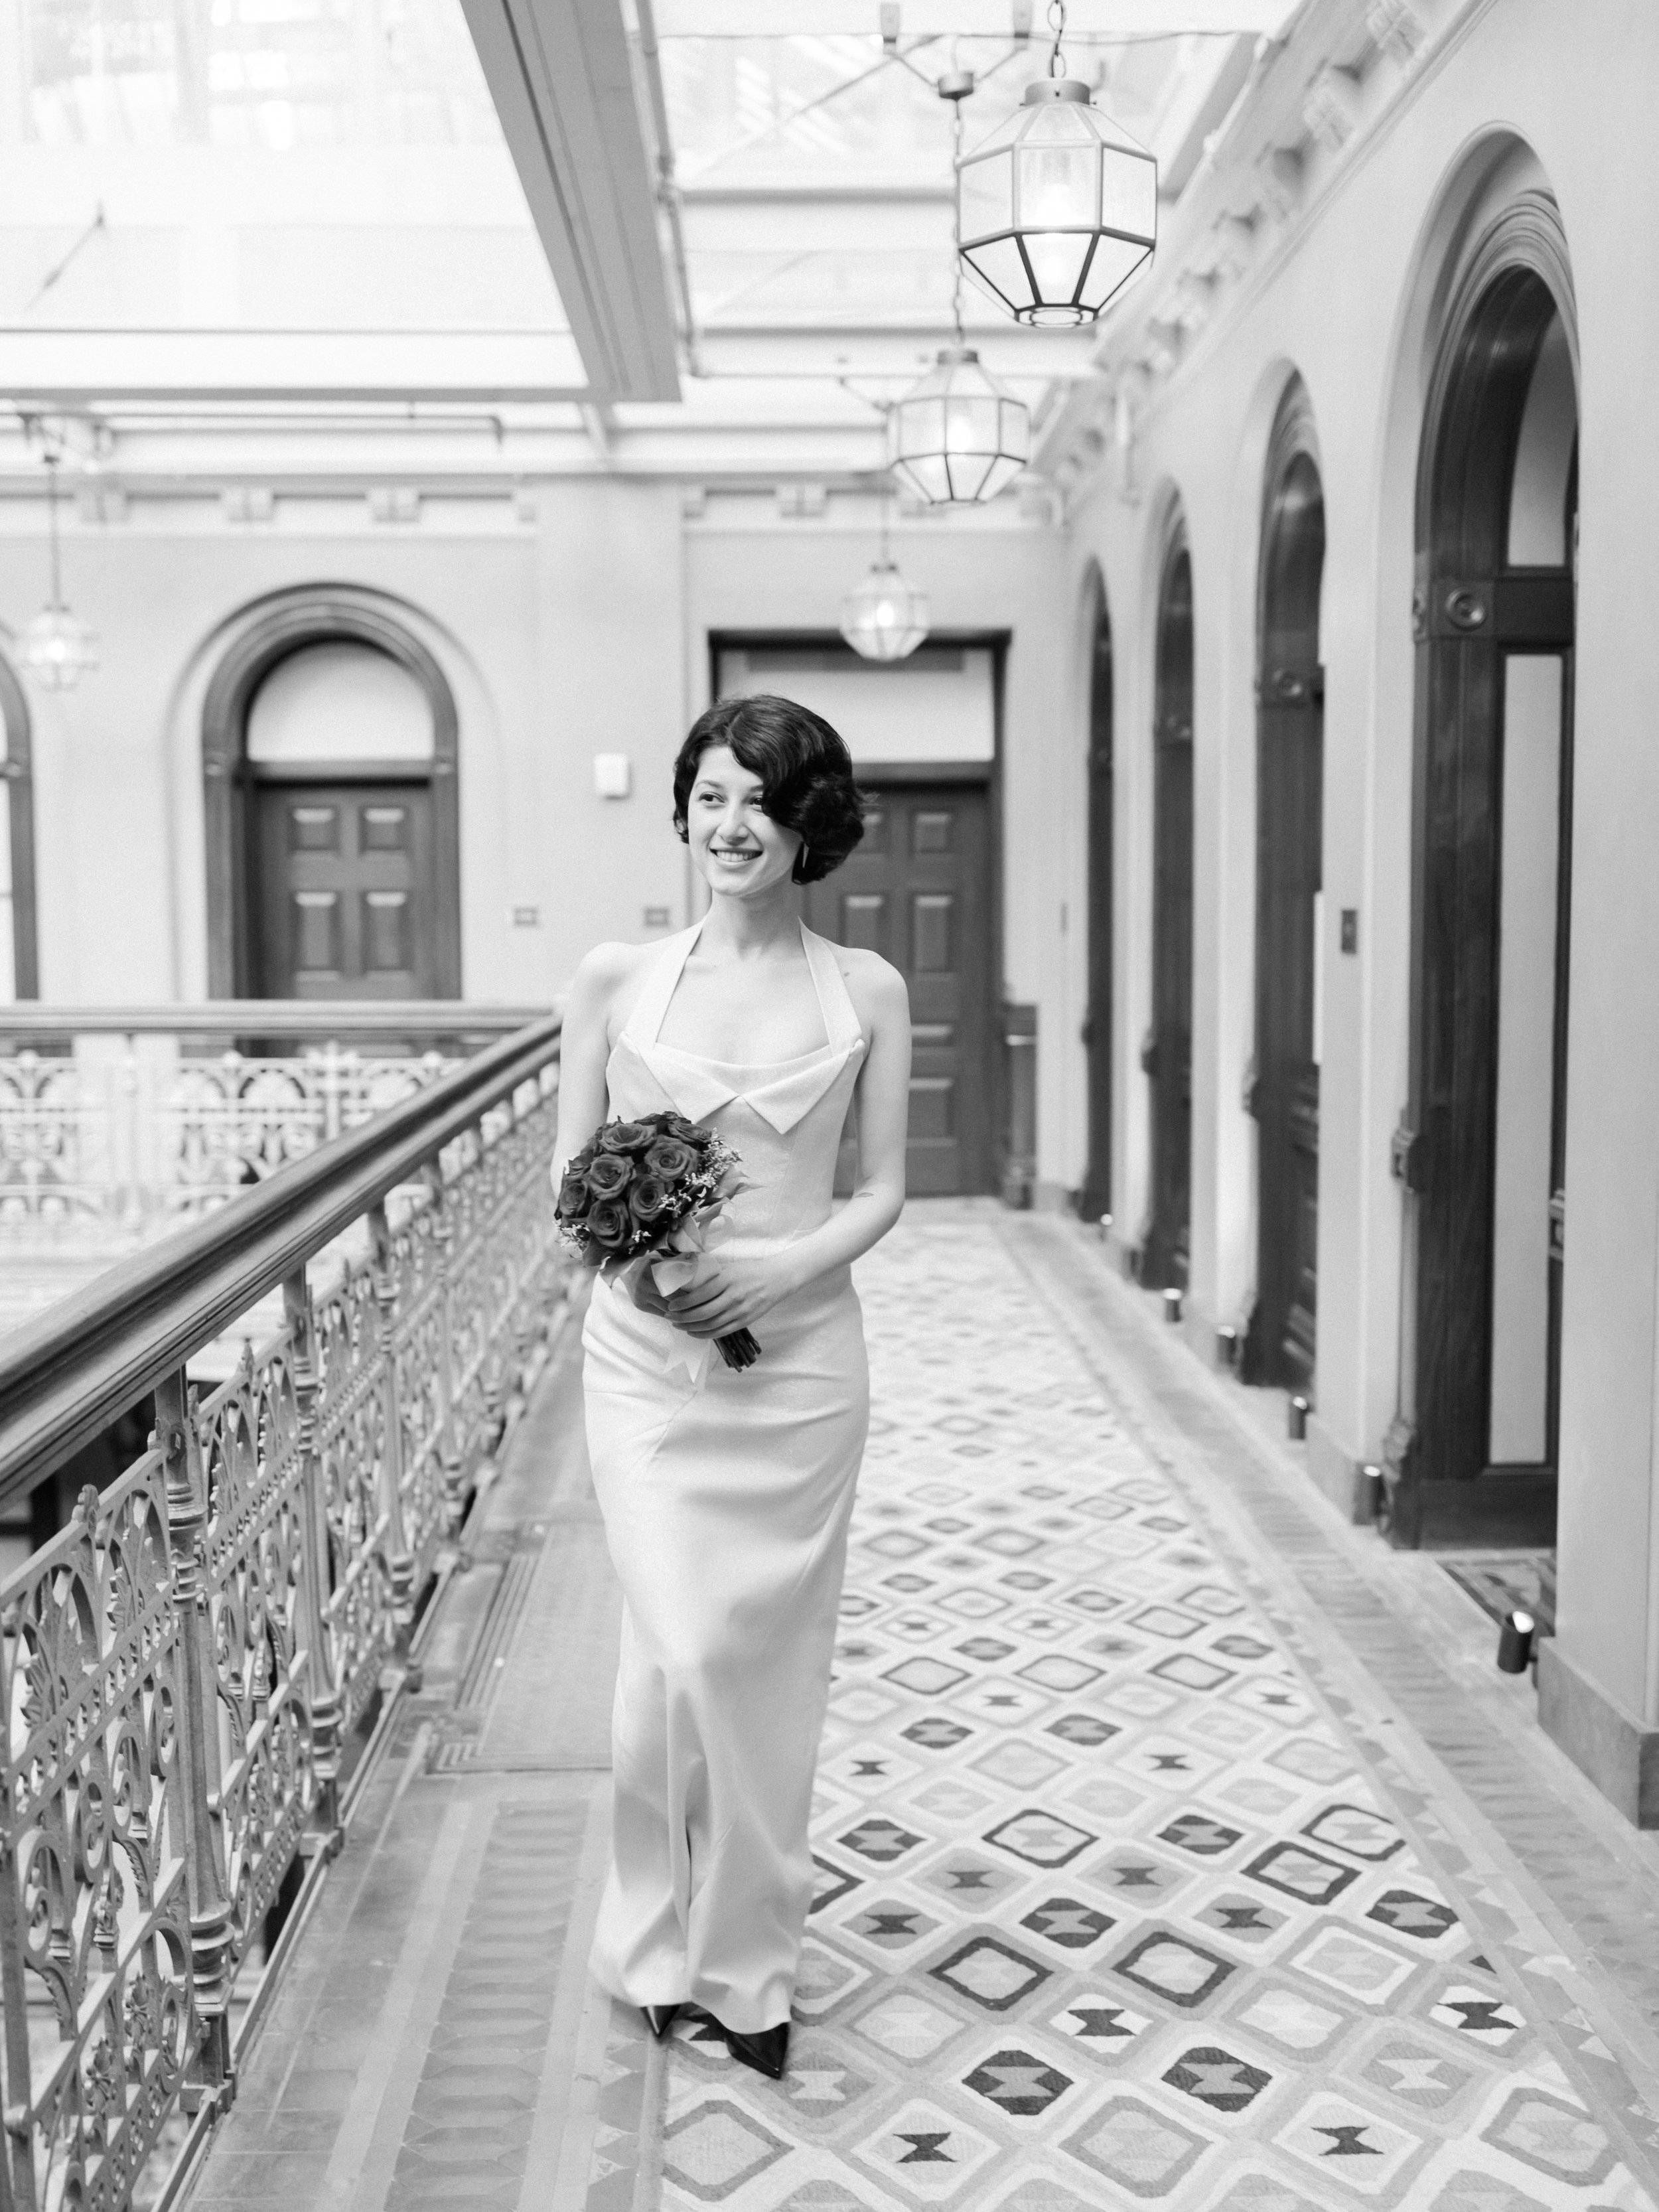 beekman-hotel-elopement-photographer7.jpg